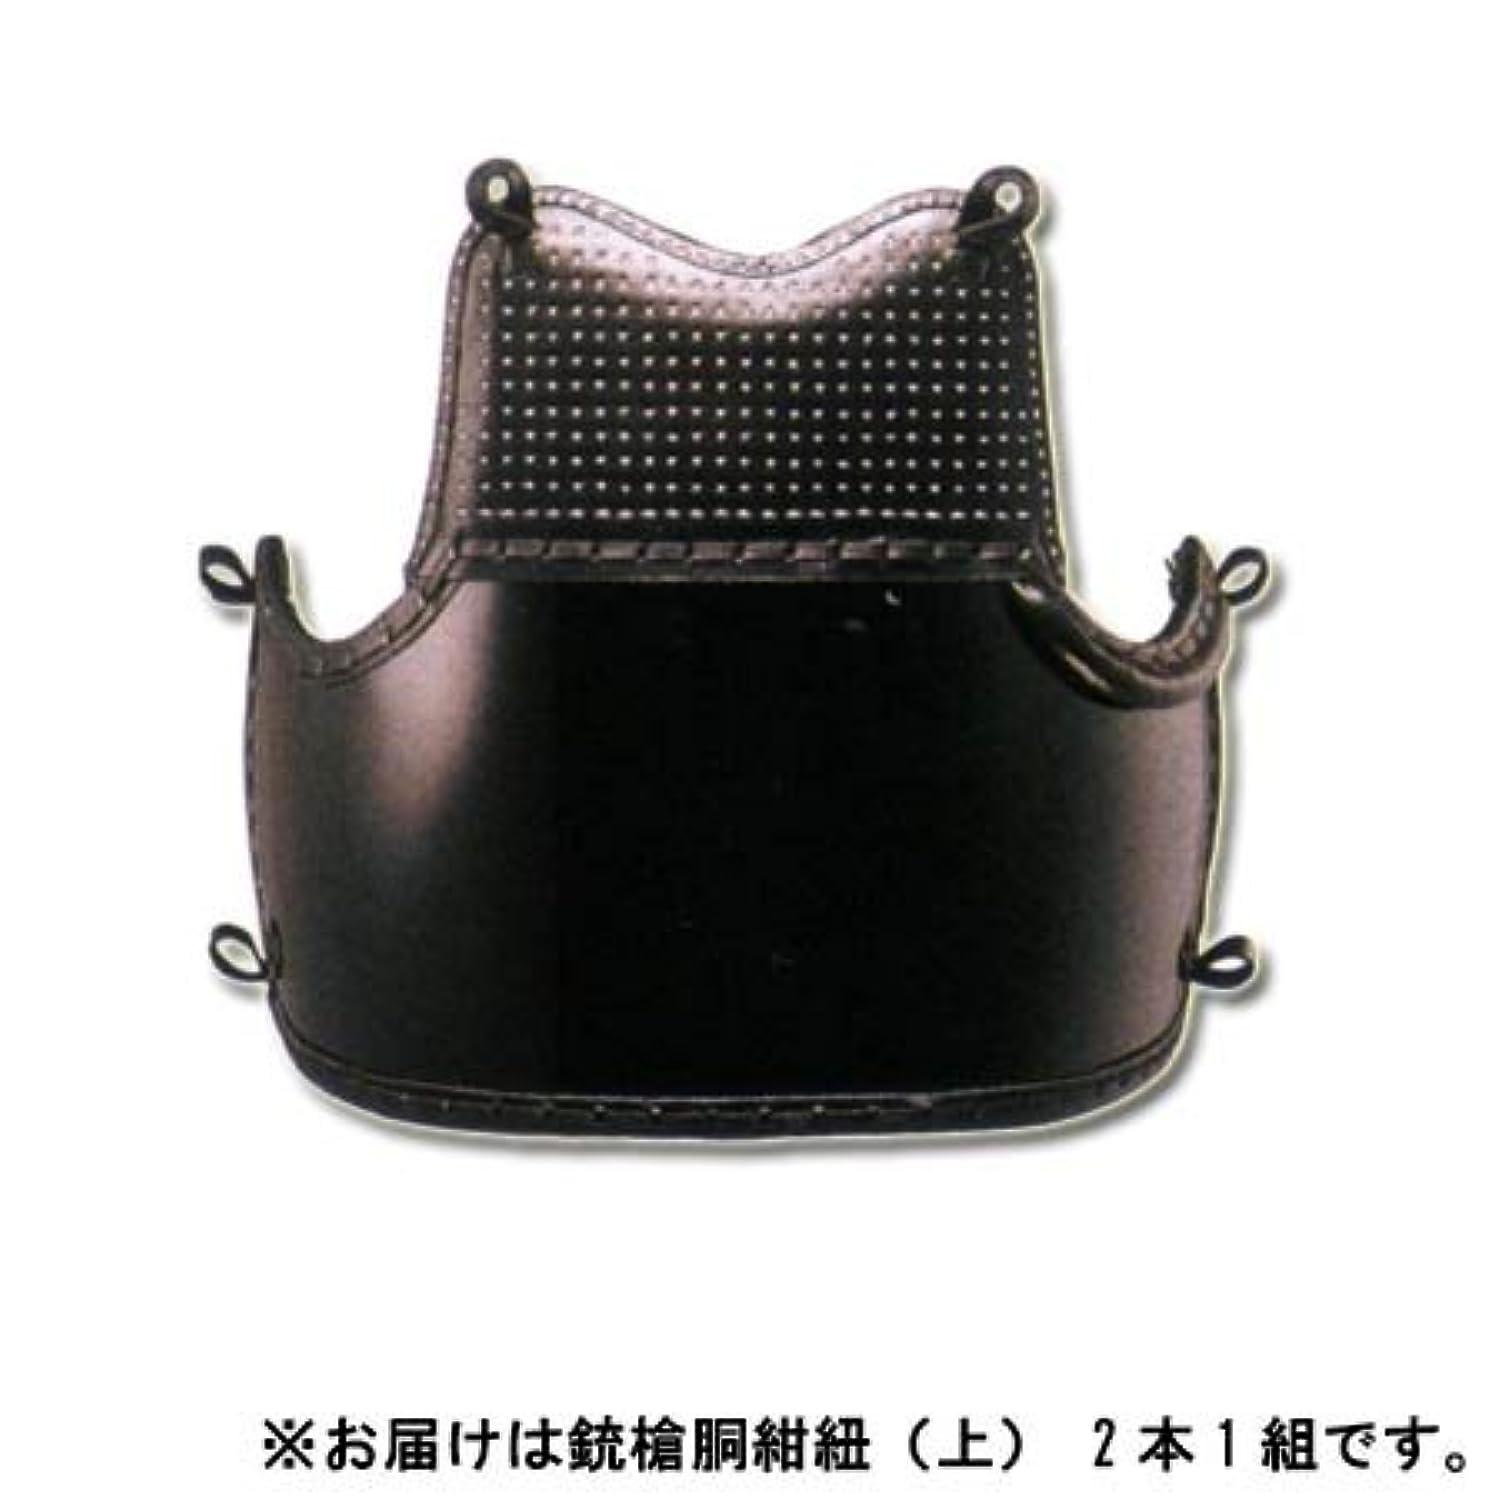 [九櫻(クサクラ)] 銃槍胴紺紐上 760 GH32